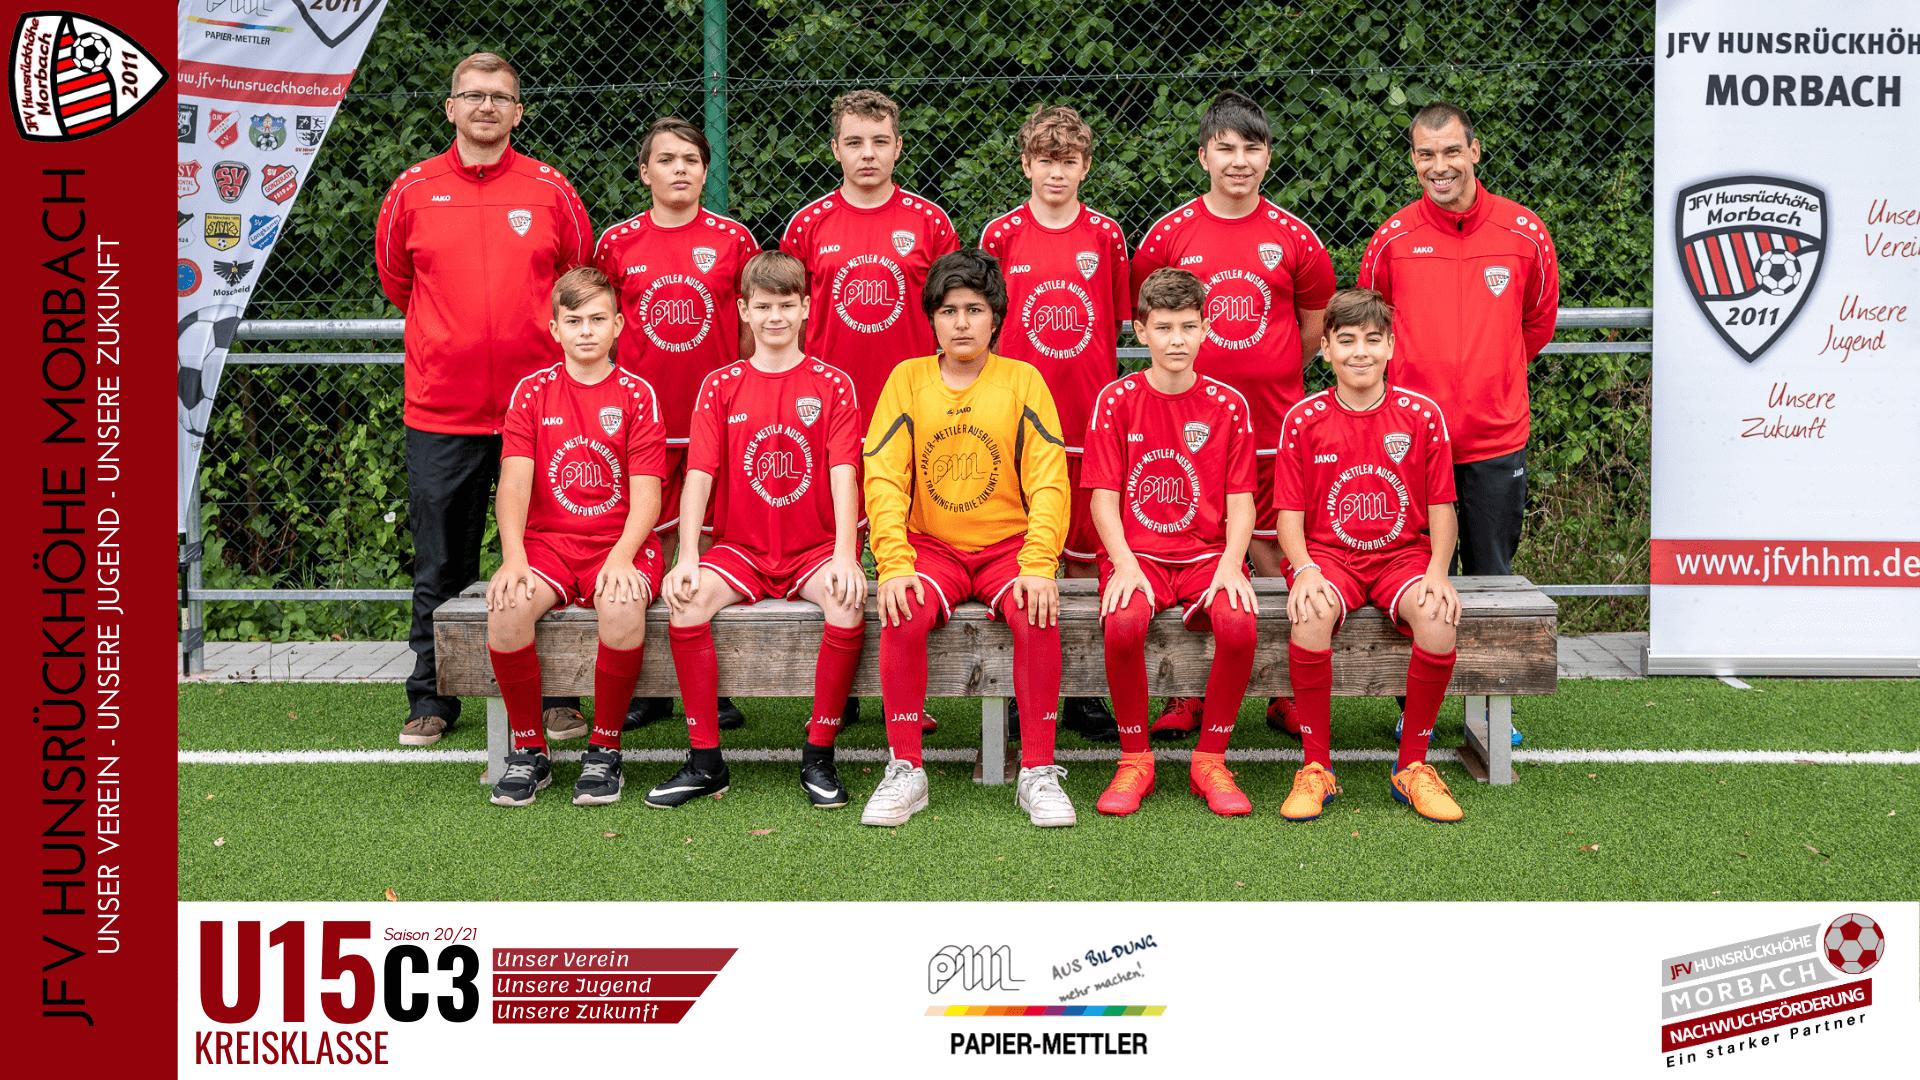 U15 C1: JFV Hunsrückhöhe Morbach – MSG Eintracht Dörbach 0:5 (0:2)